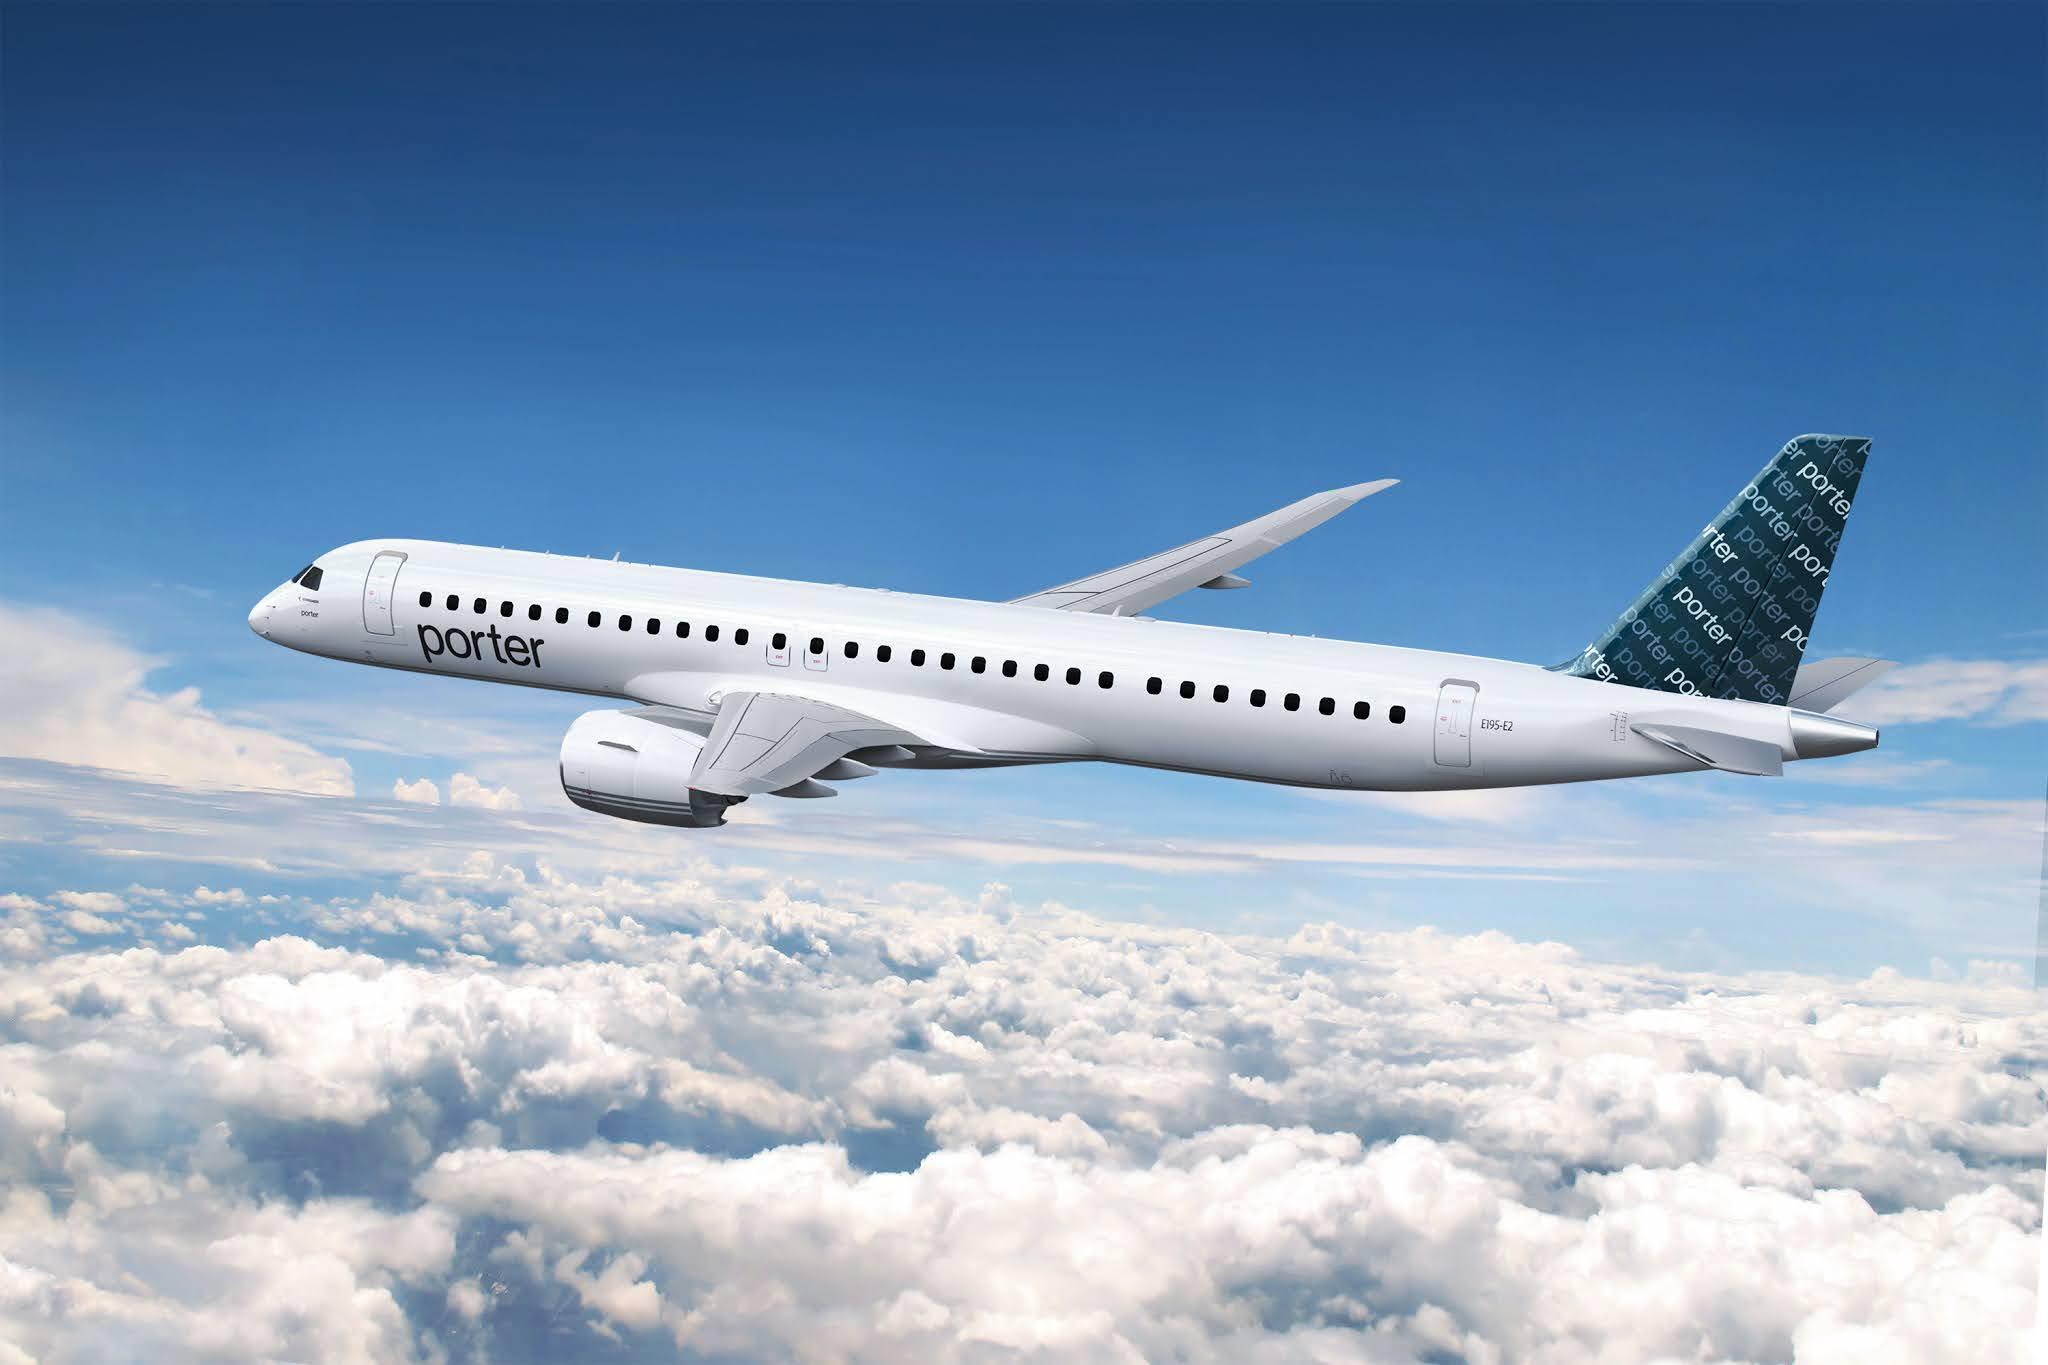 Embraer (EMBR3) assina contrato de Serviços e Suporte com a Porter Airlines | É MAIS QUE VOAR